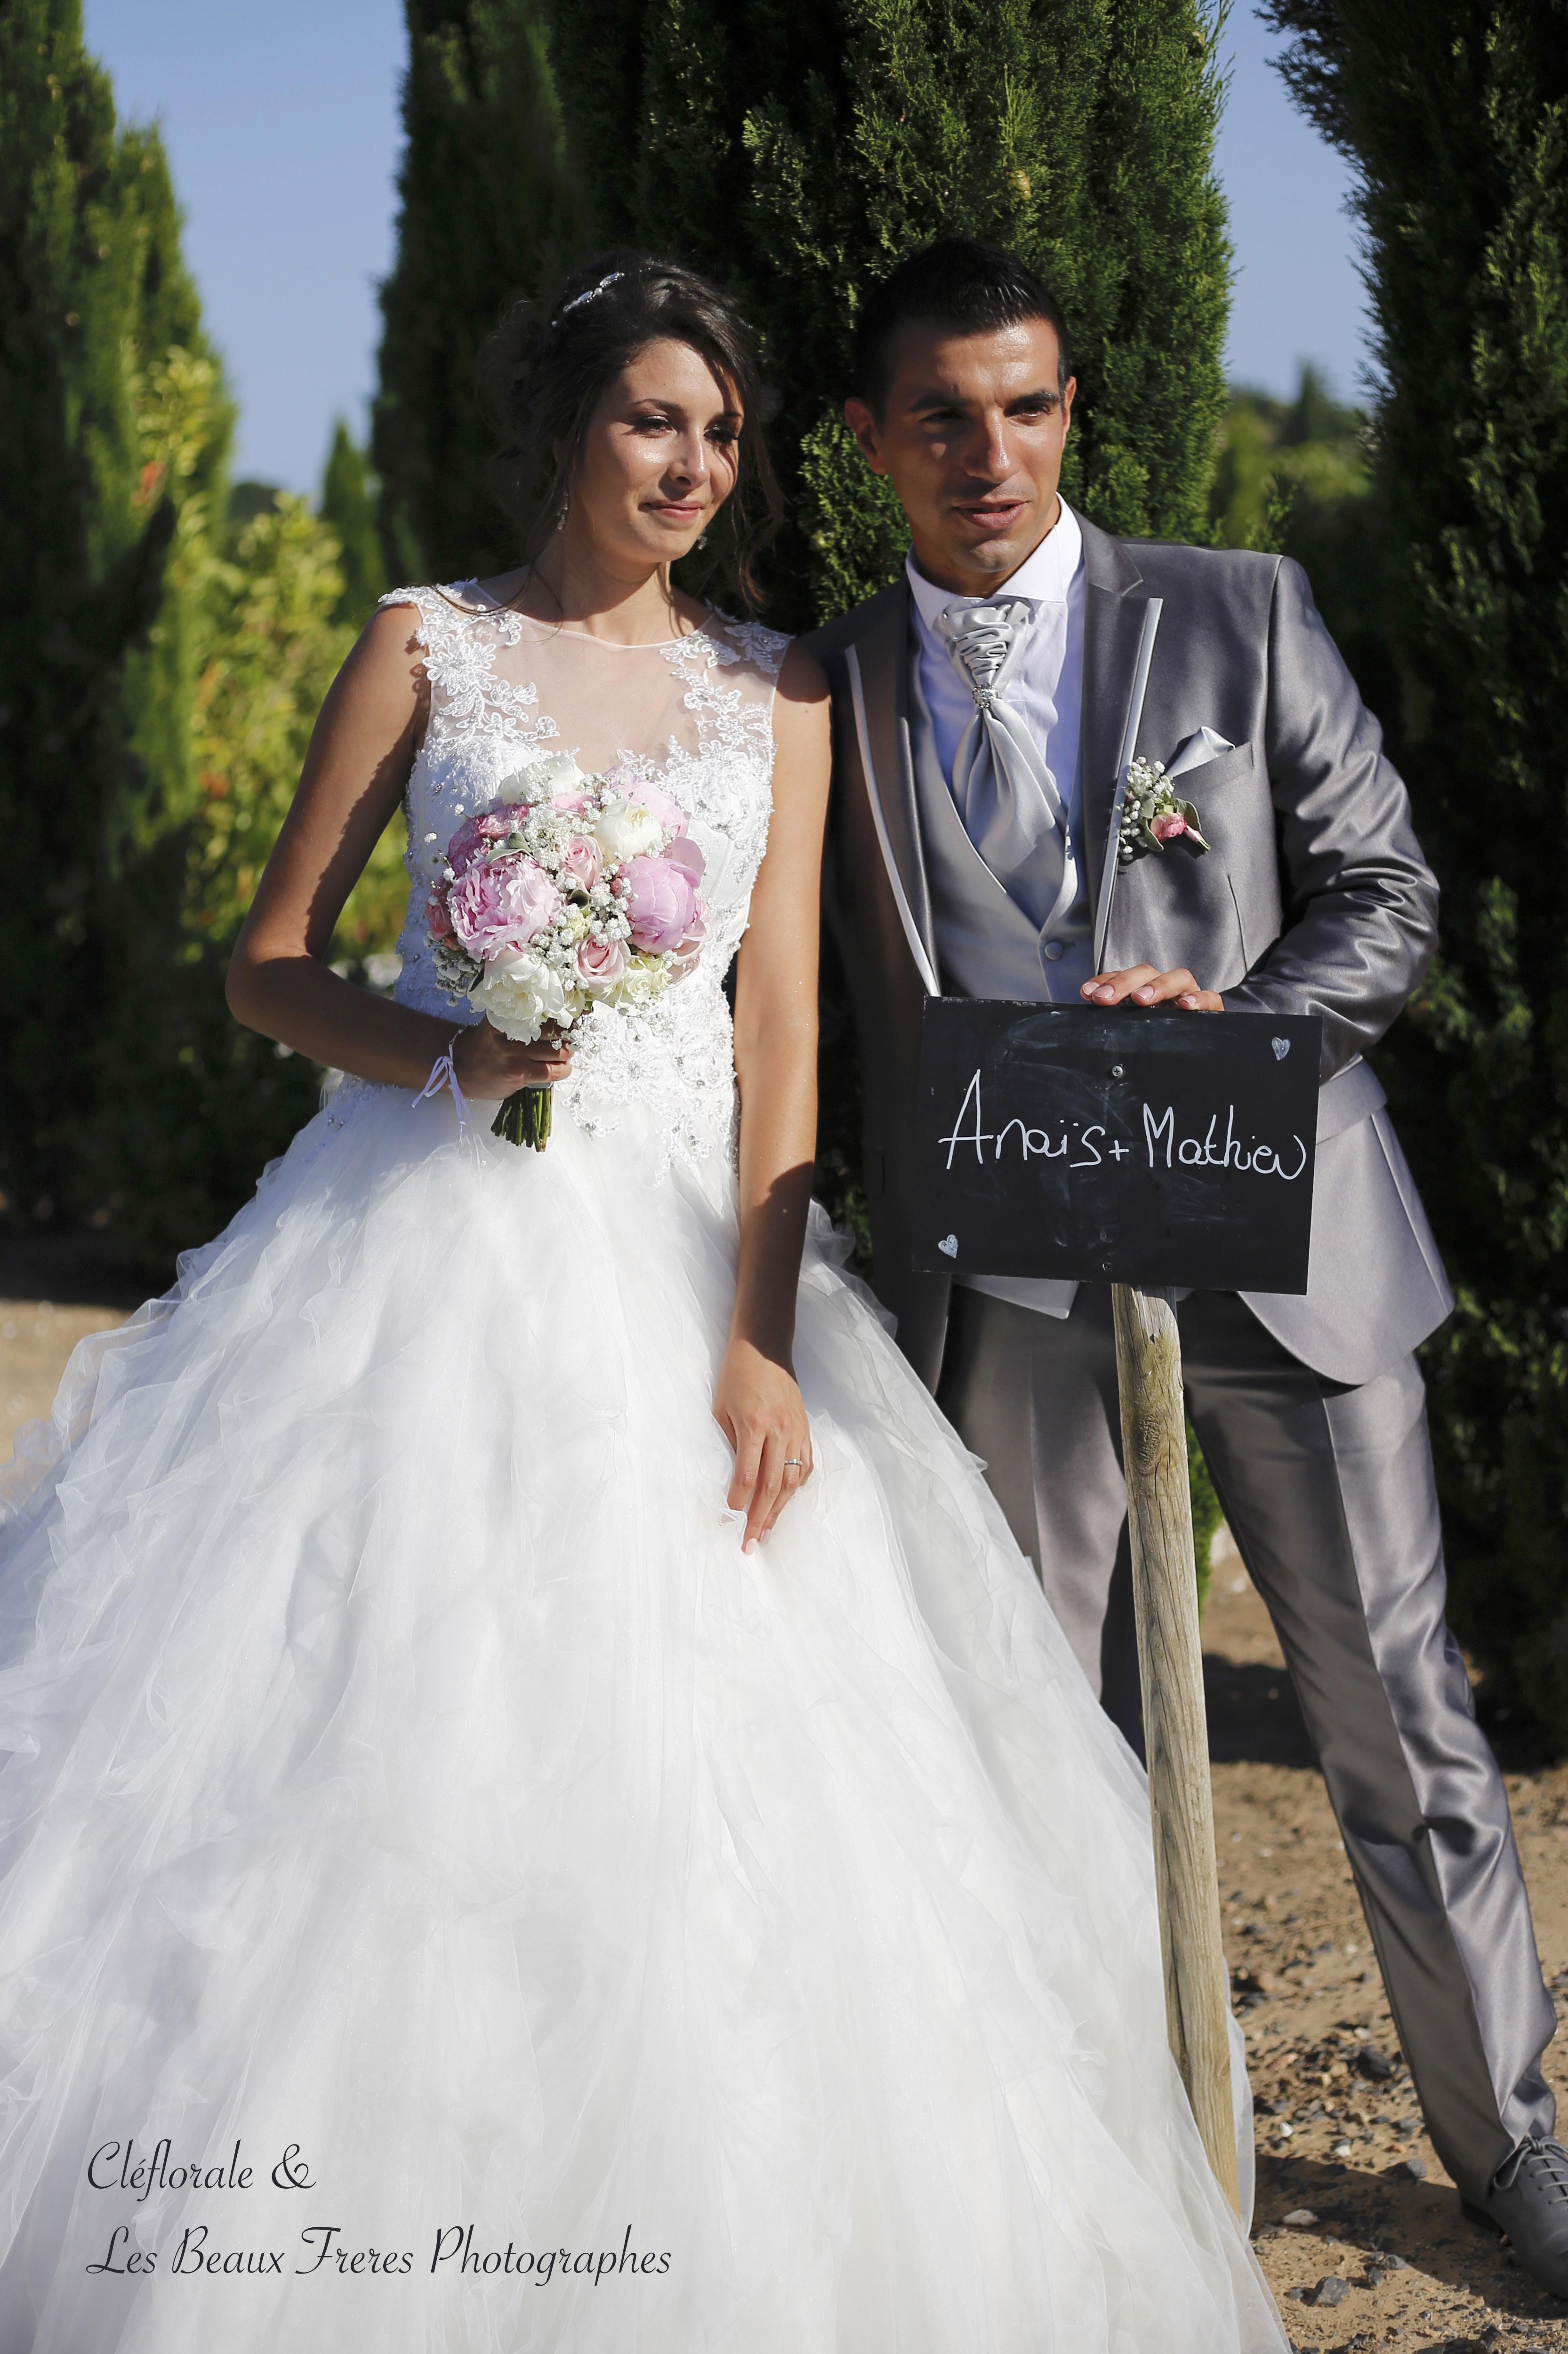 Anais & Mathieu 30 Juin 2018 - 72